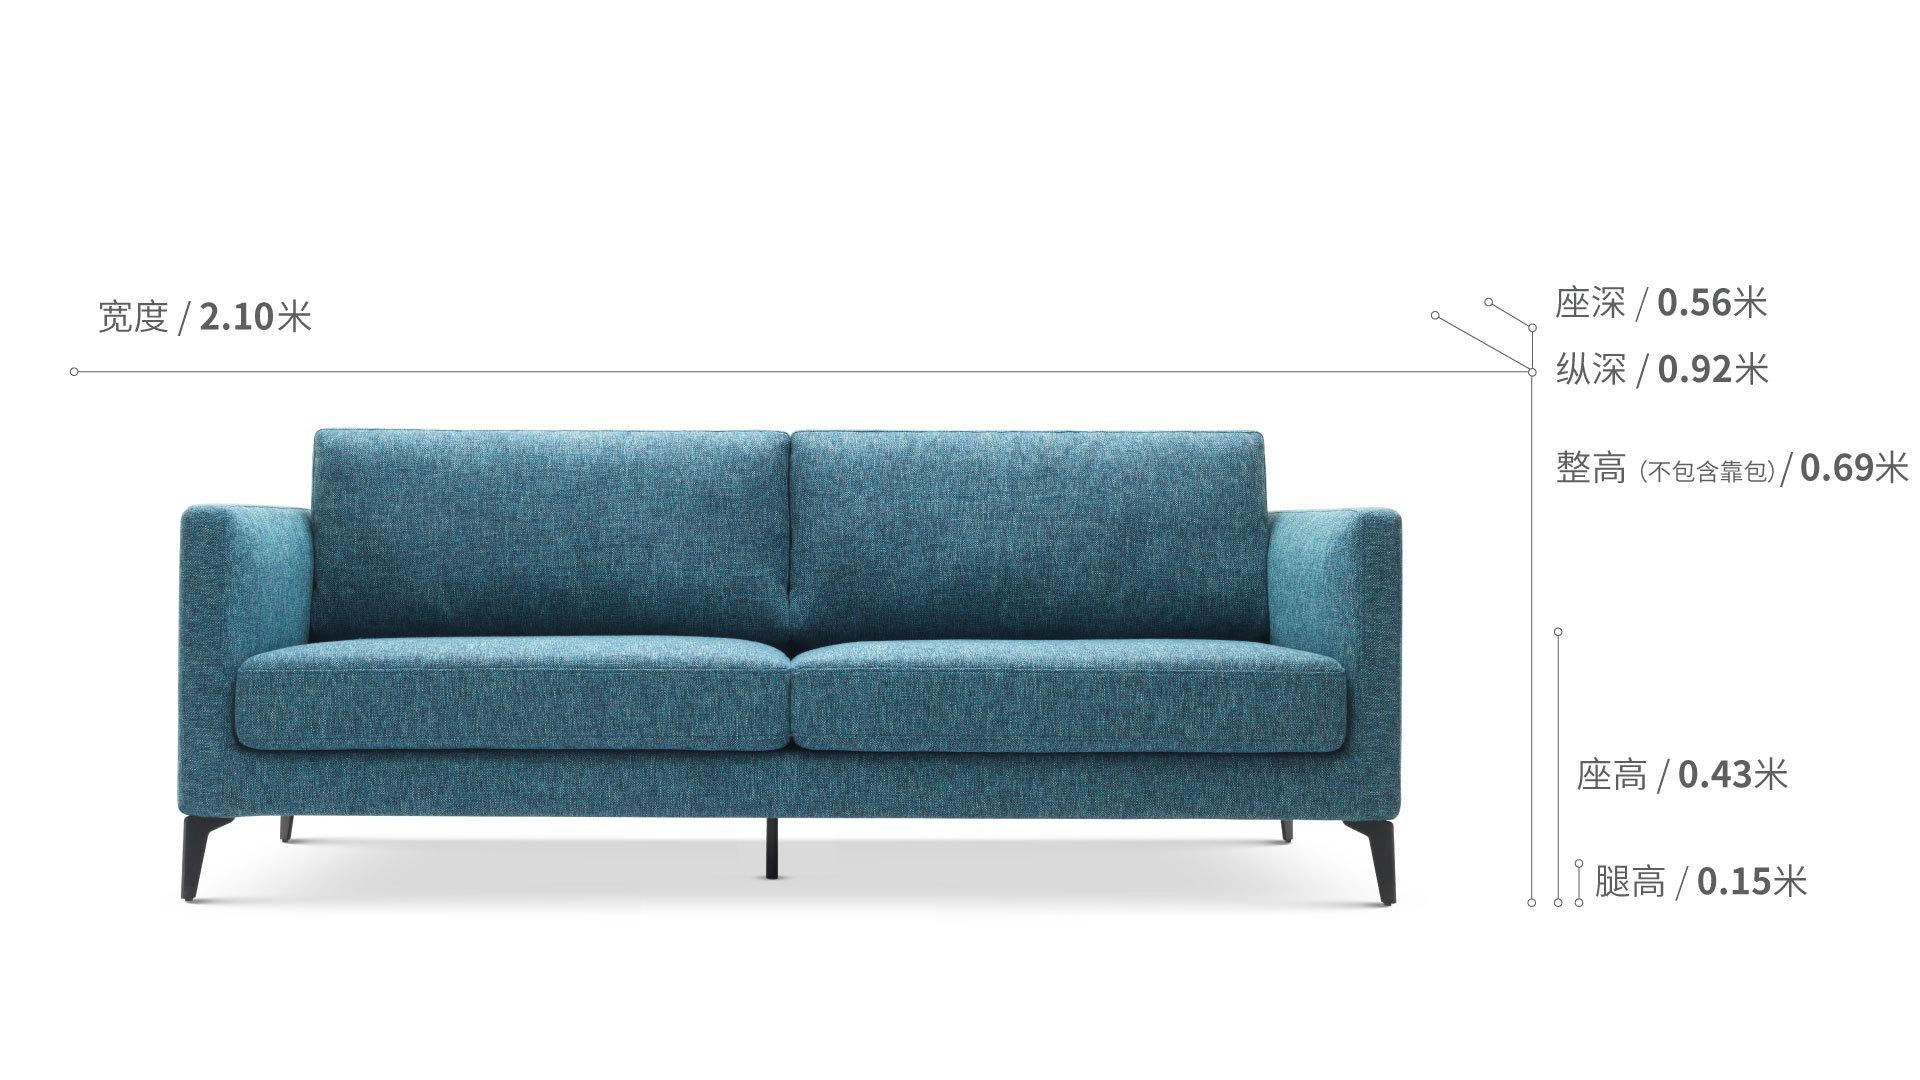 造作星期天沙发™三人座沙发效果图